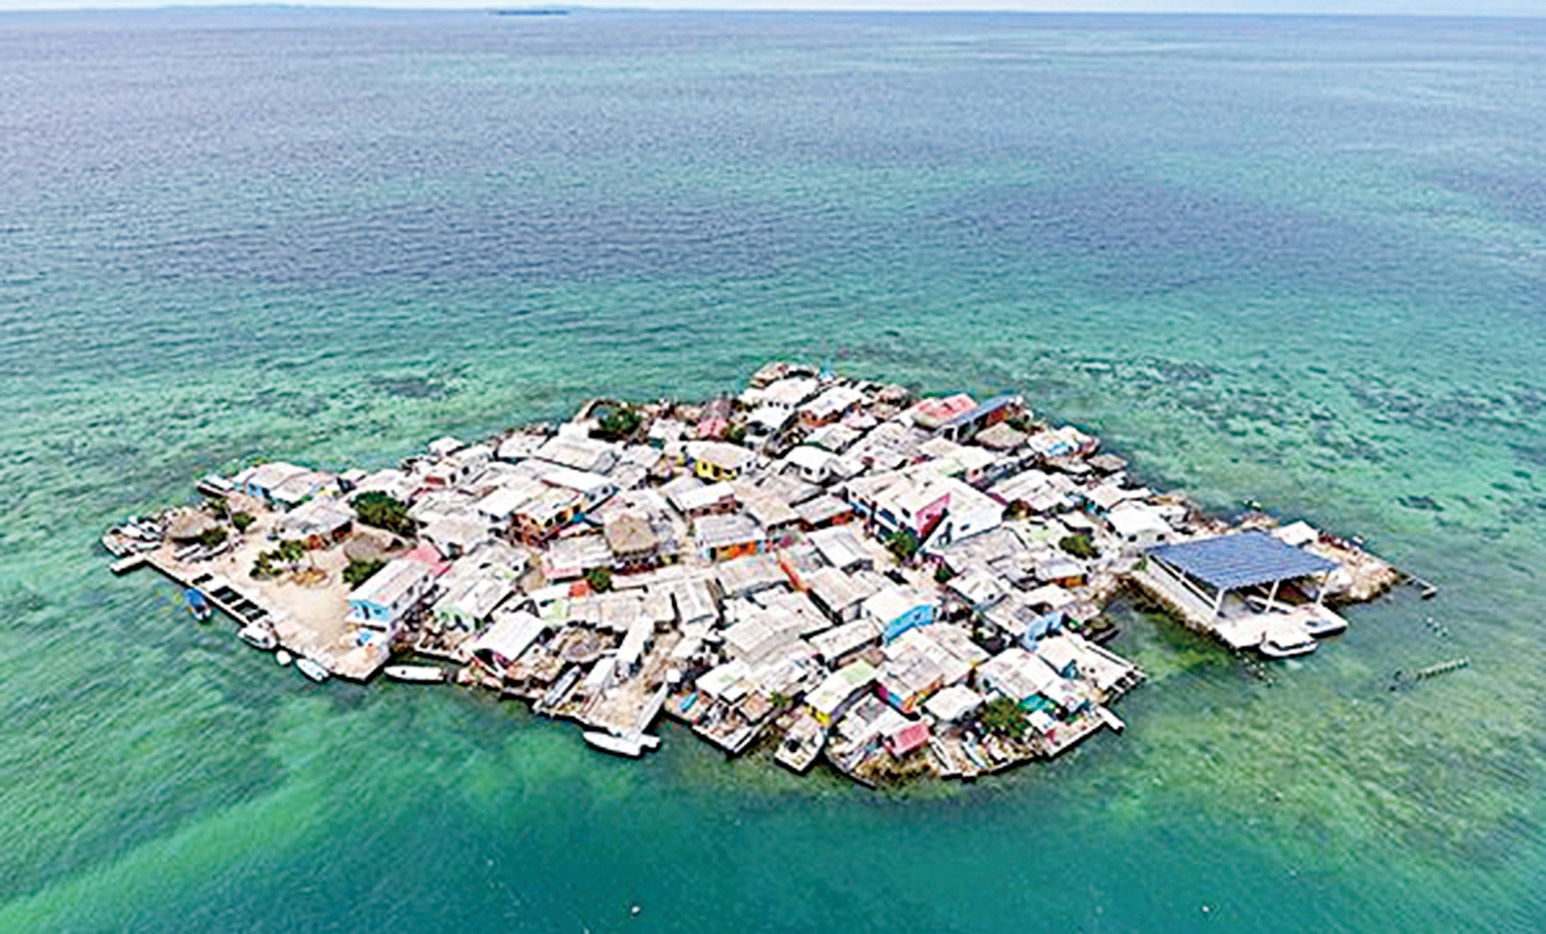 全球人口密度最大 哥倫比亞小島被視為烏托邦